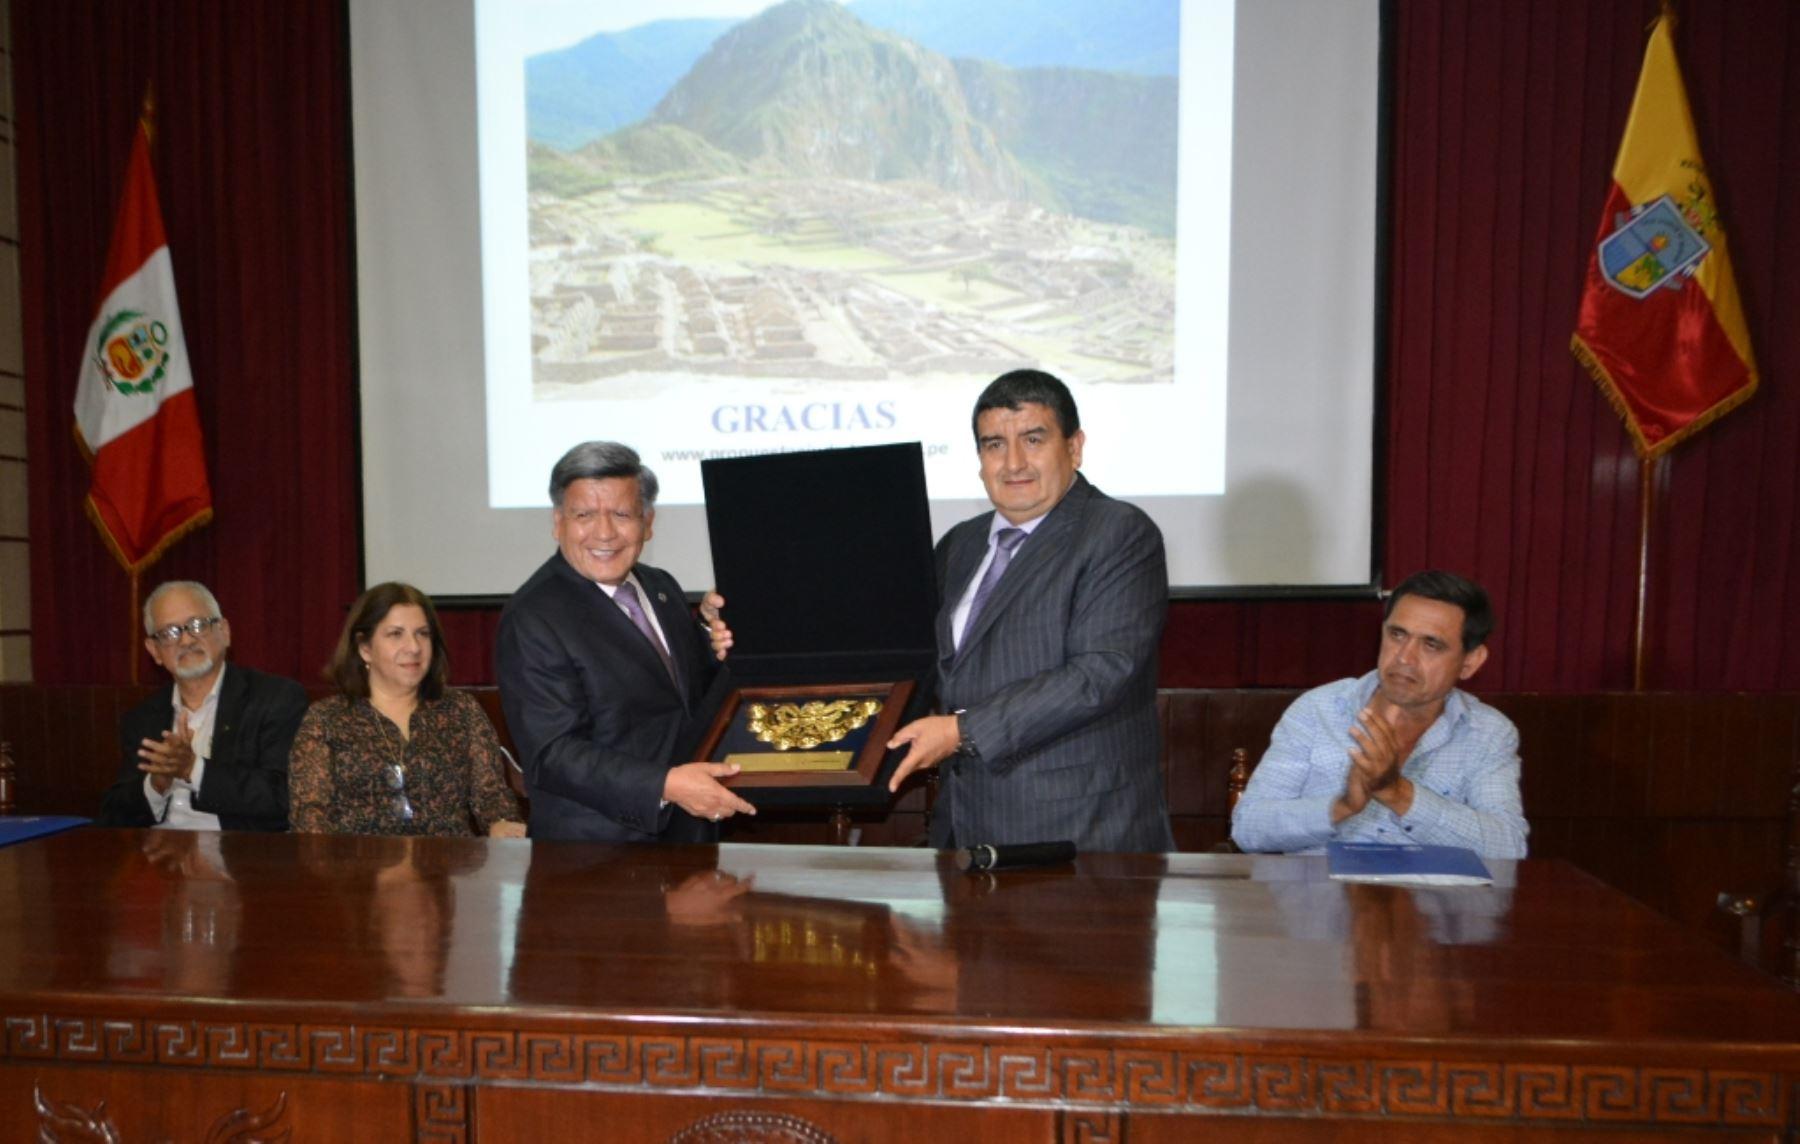 Los gobernadores regionales de La Libertad, César Acuña y de Lambayeque, Humberto Acuña. Foto: ANDINA/Difusión.